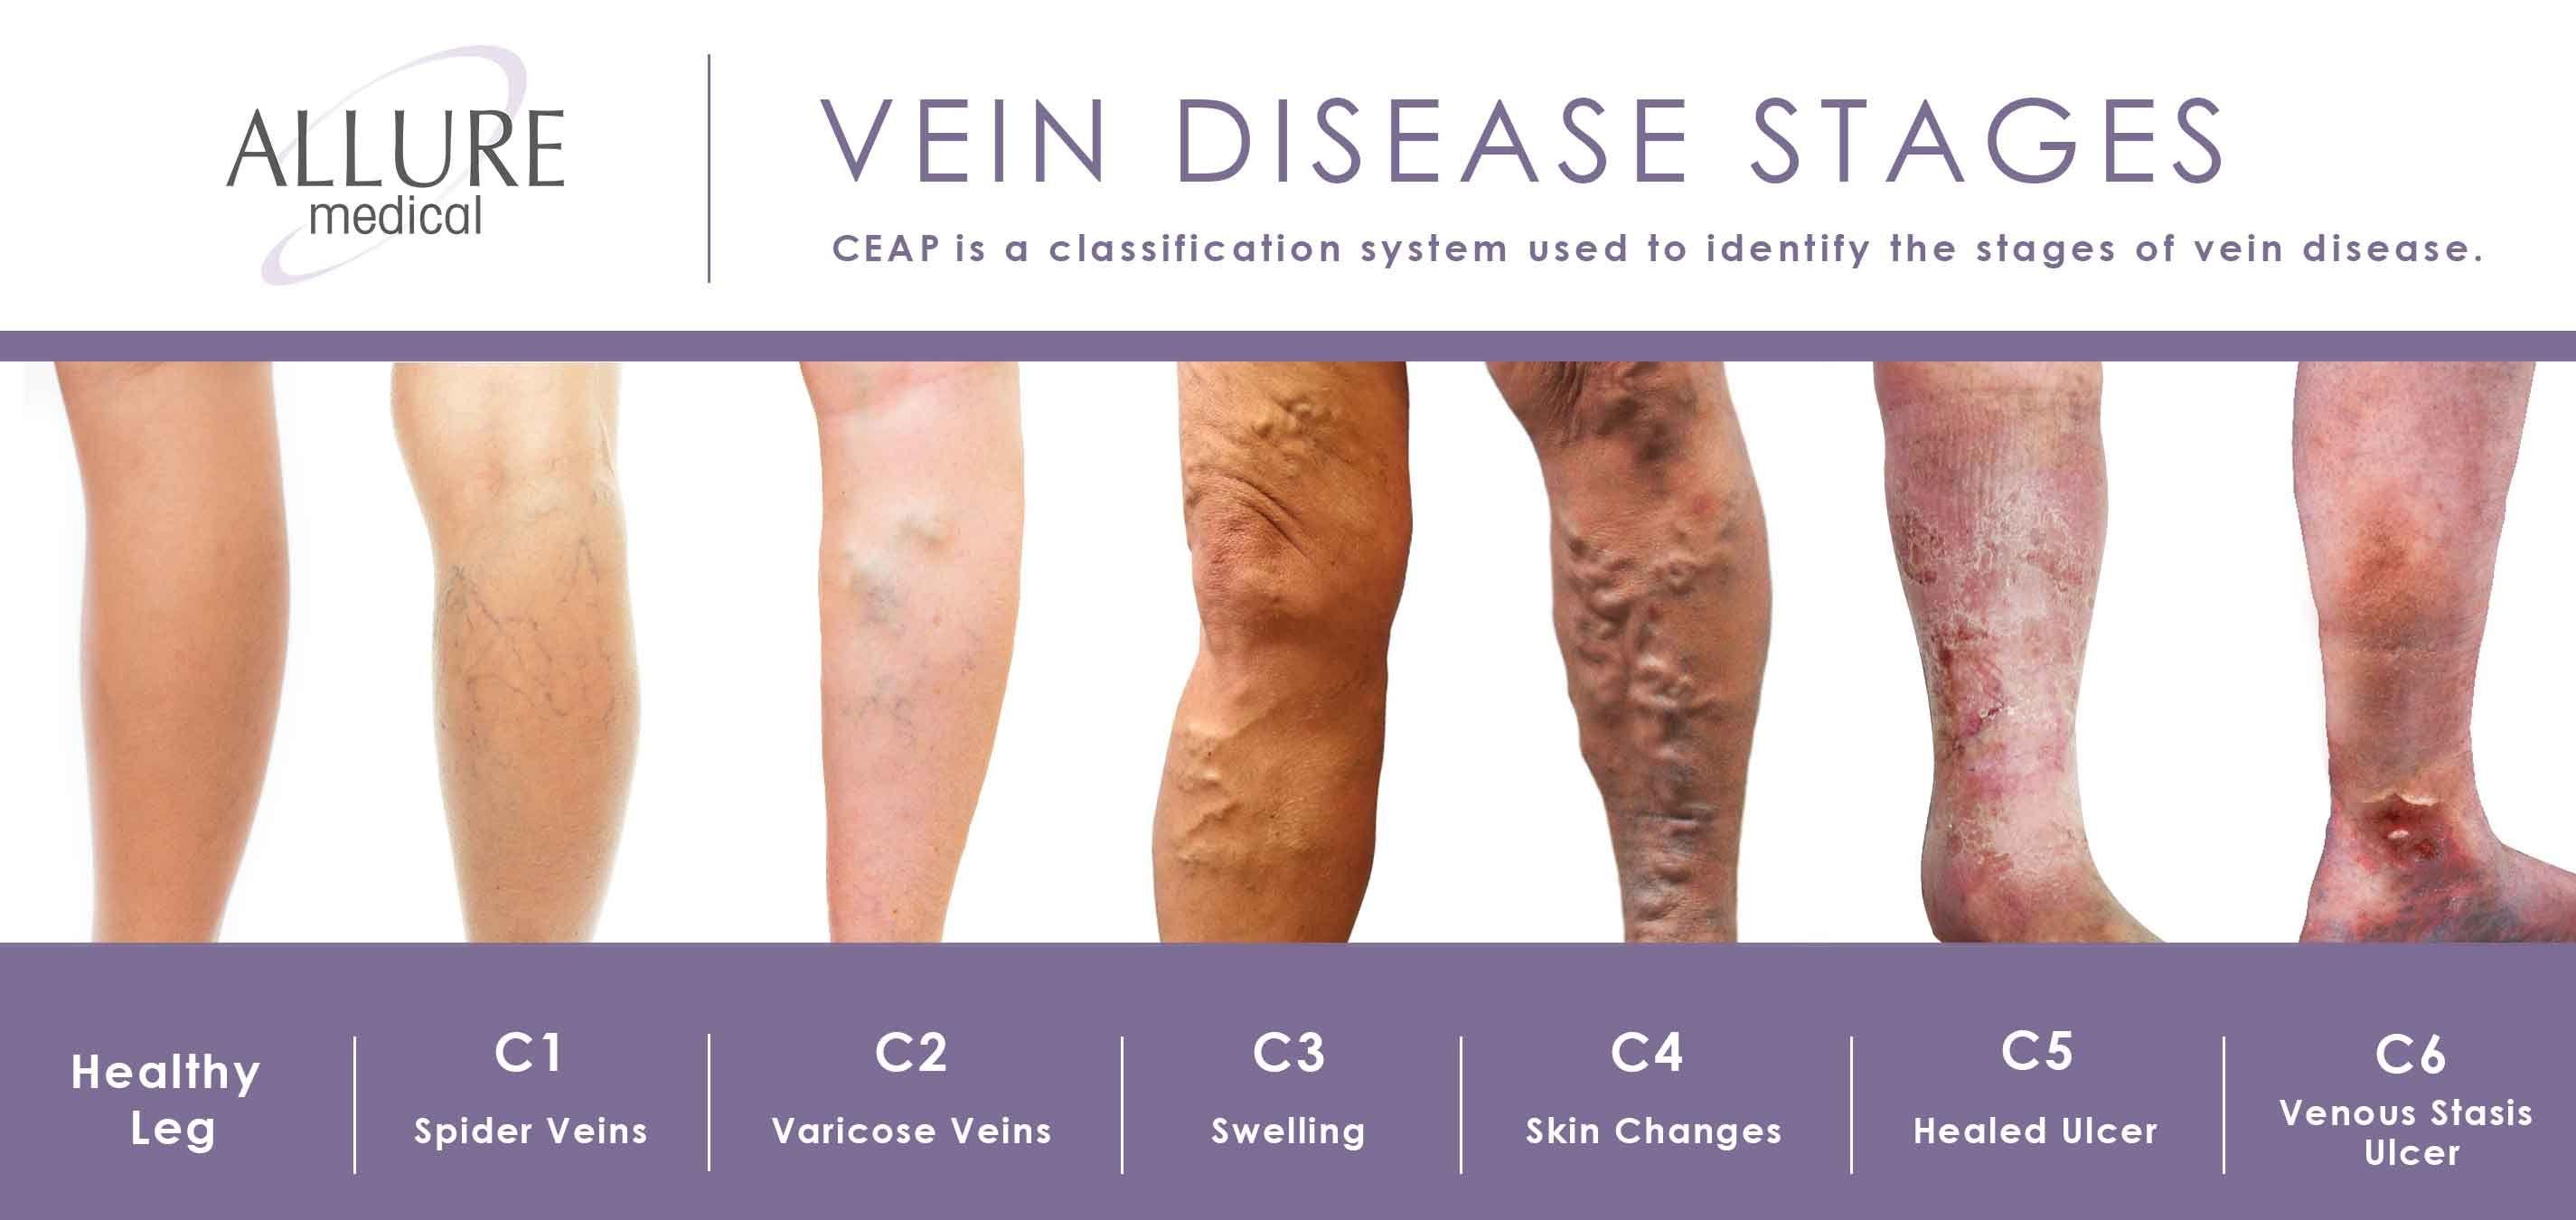 Vein Disease Stages